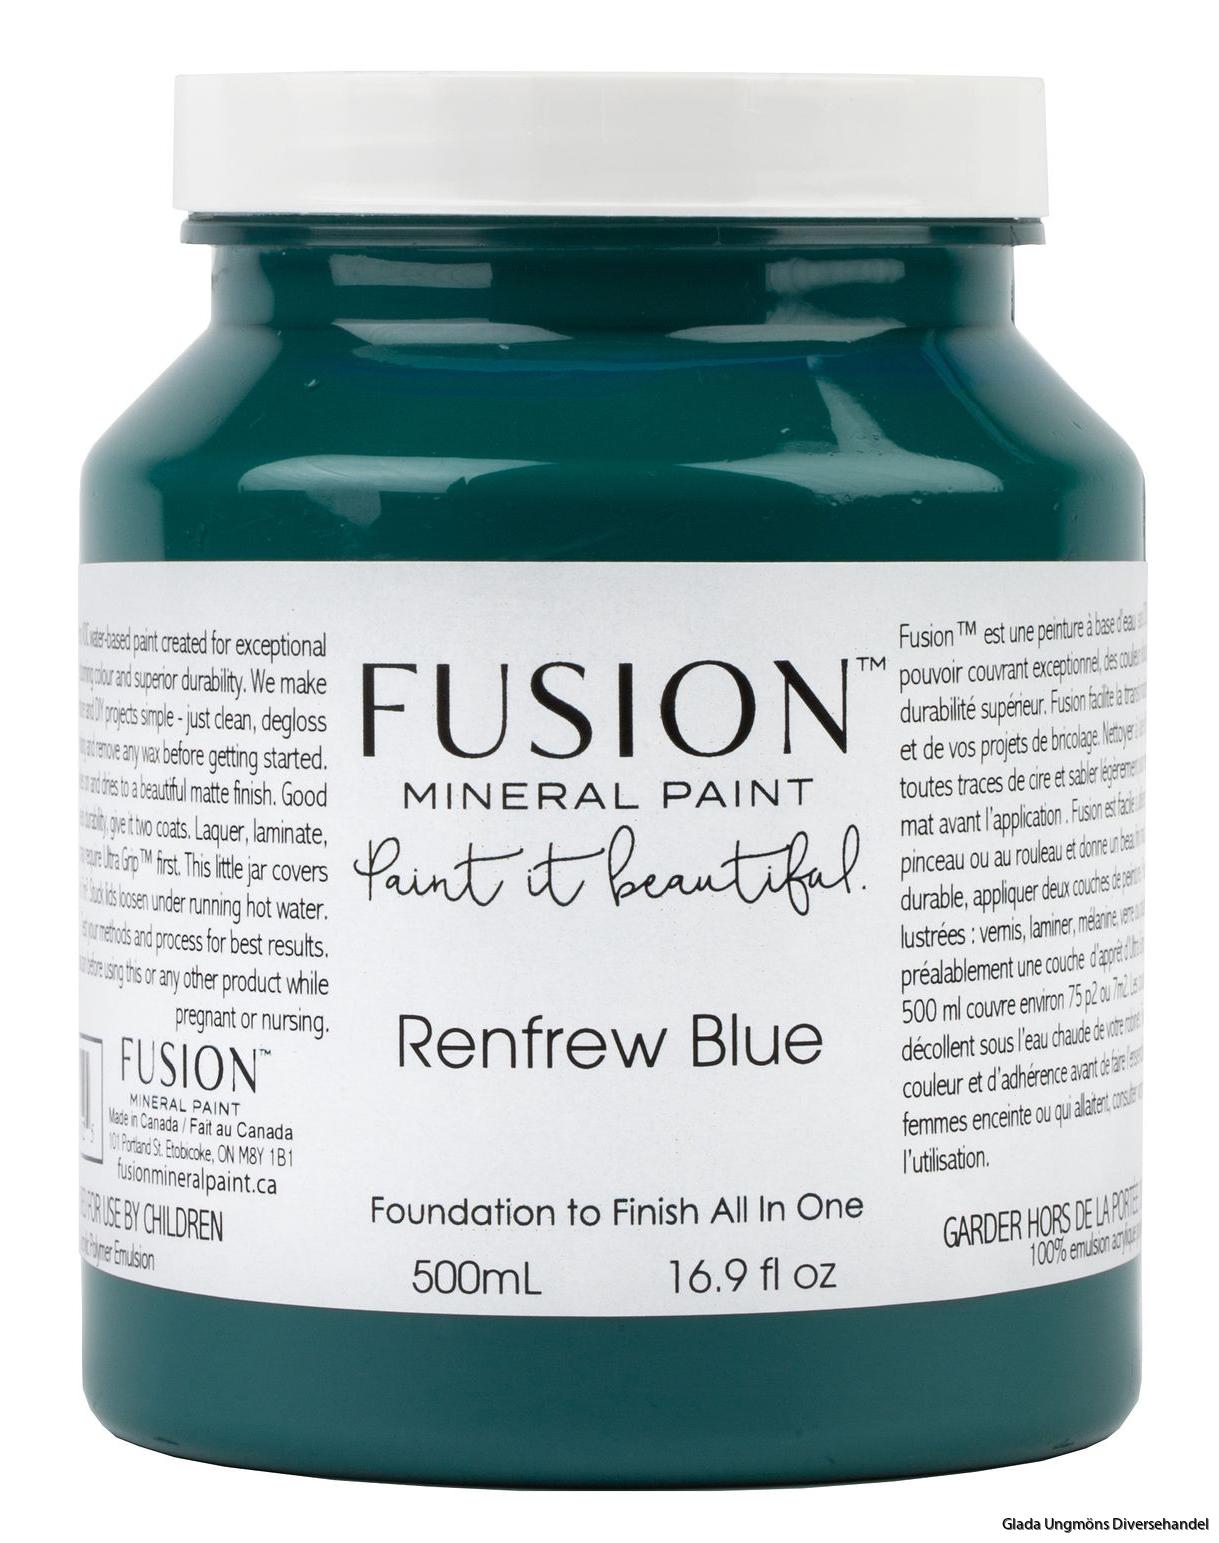 RenfrewBlue